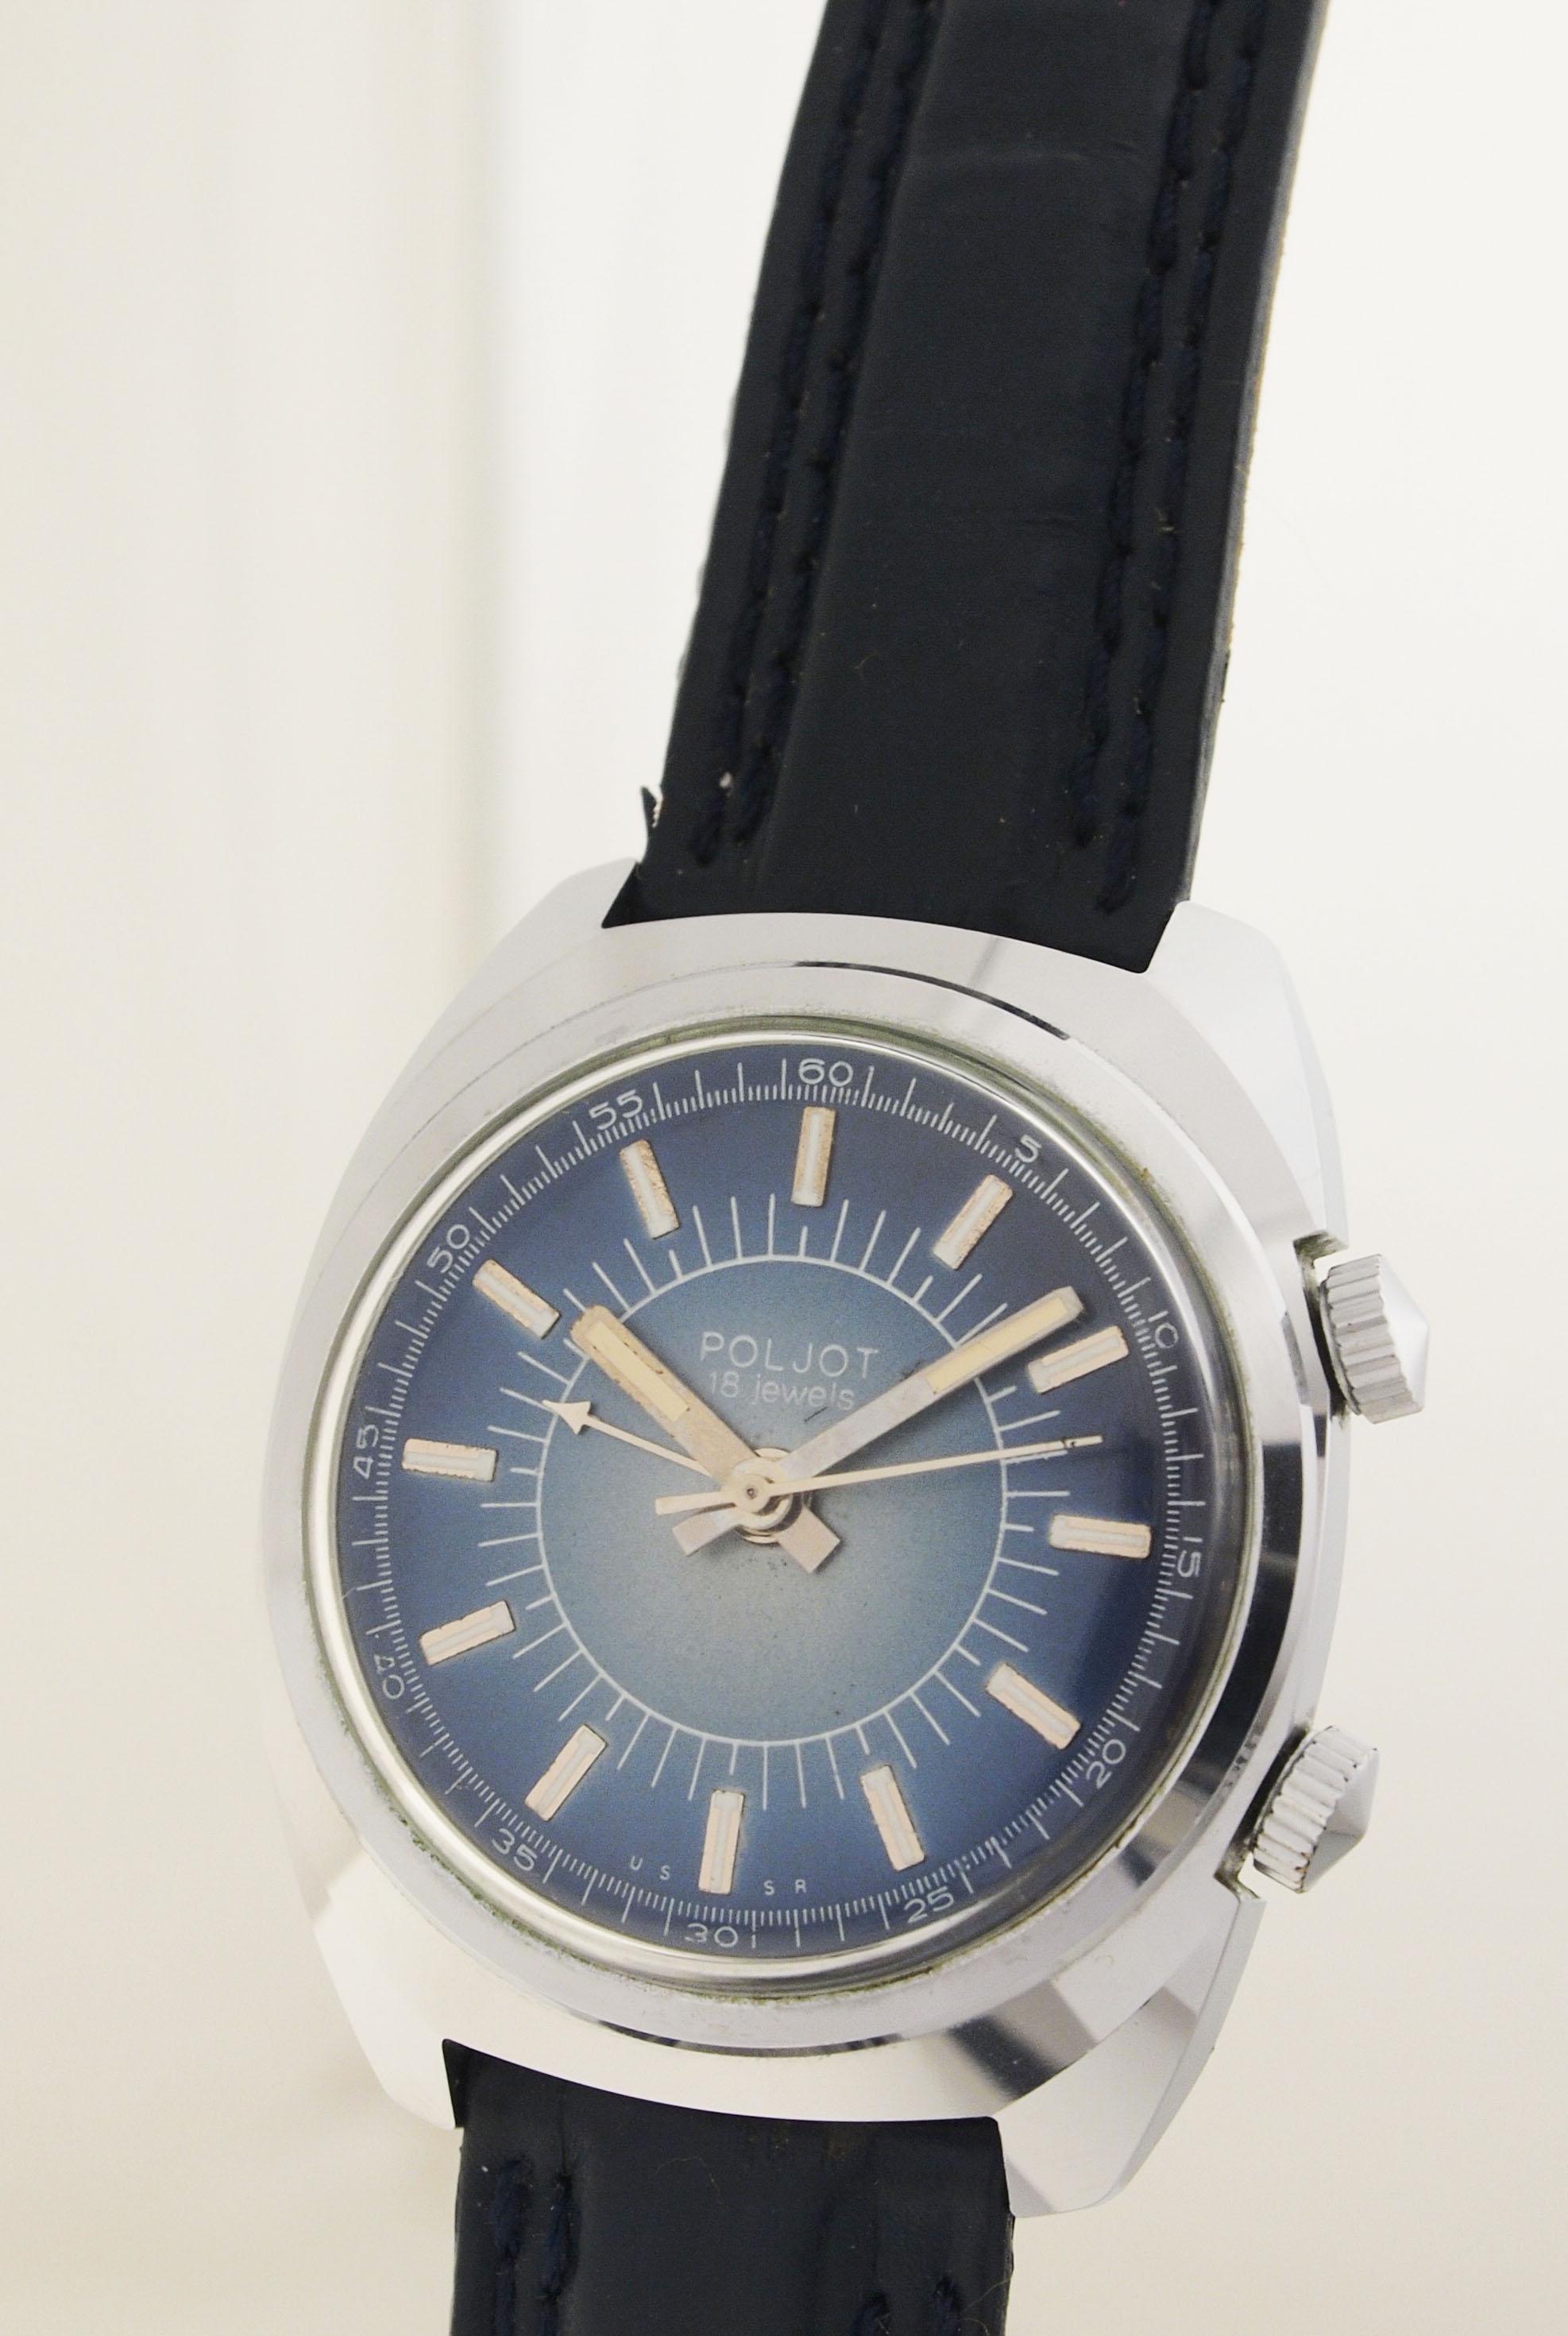 poljot herren armbanduhr mit wecker alarm made in ussr 1970er nos ebay. Black Bedroom Furniture Sets. Home Design Ideas